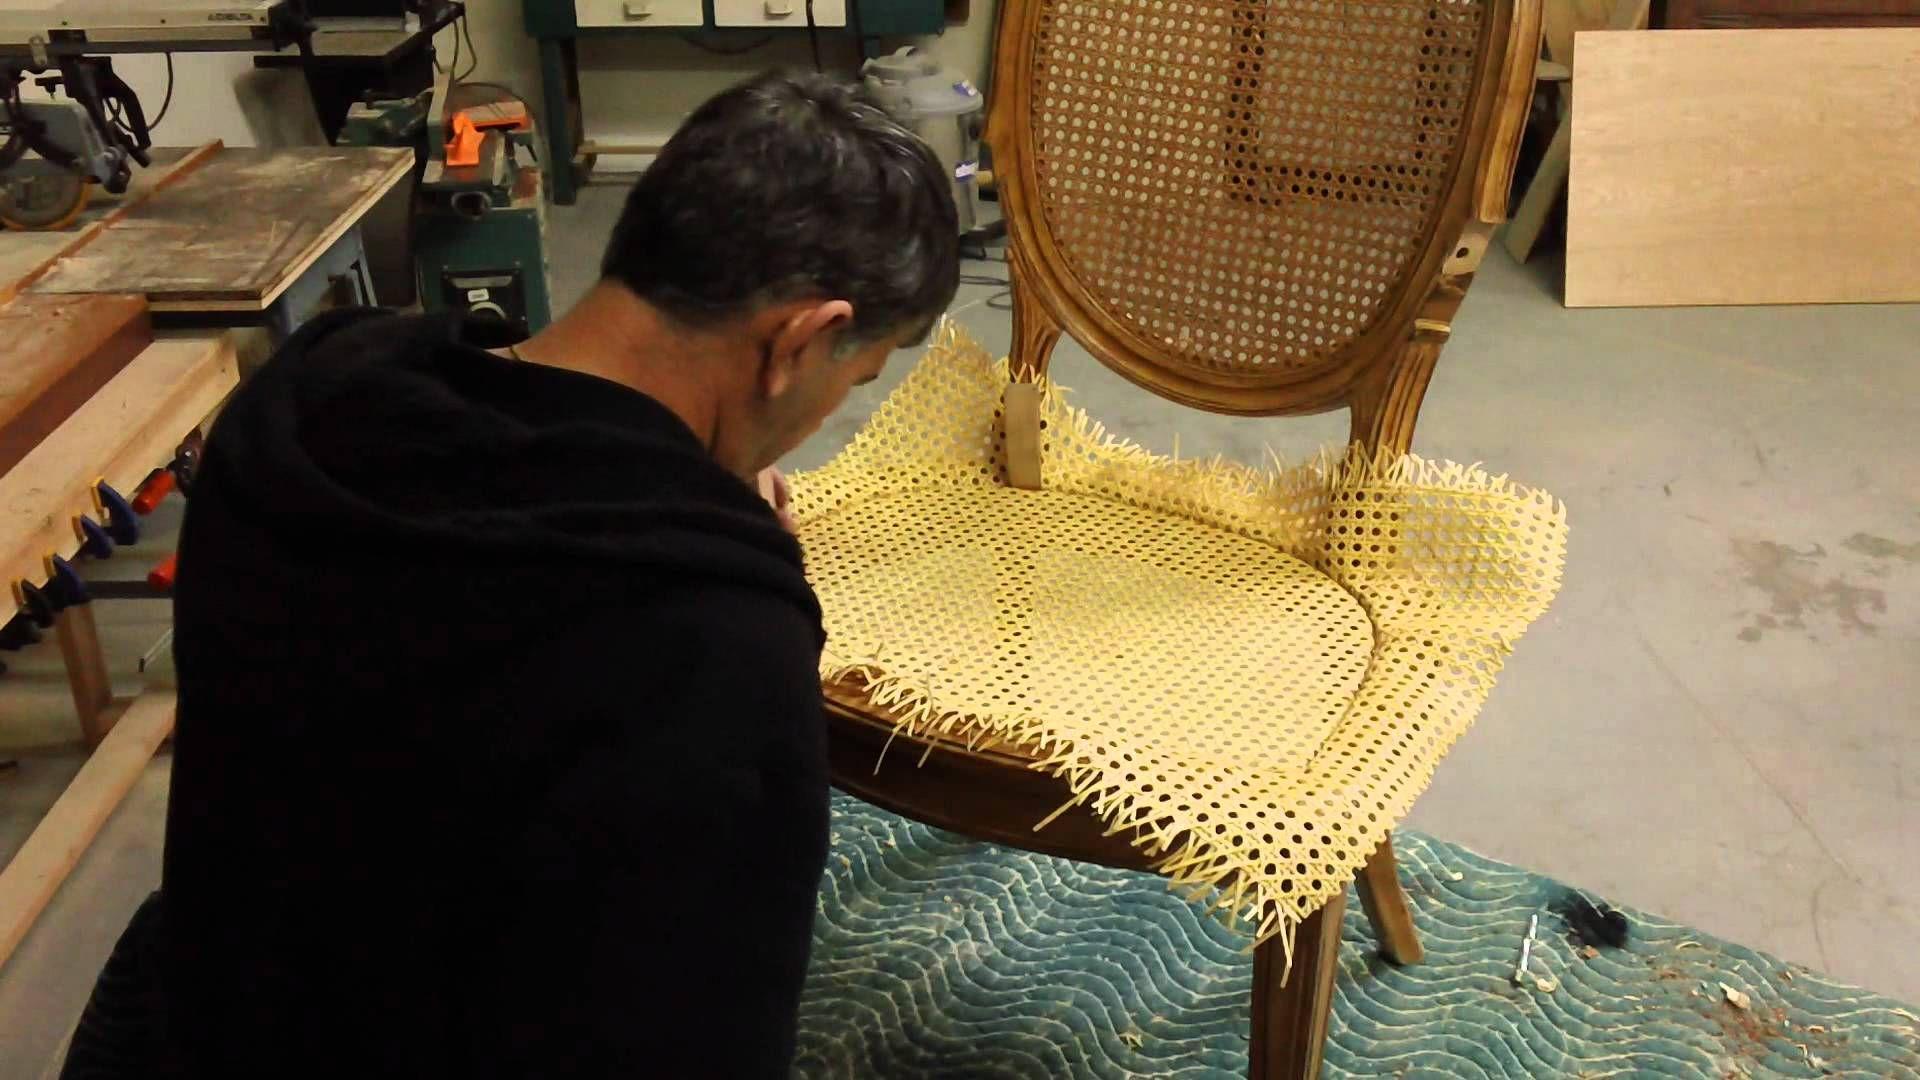 How To Re Cane A Chair Chair Furniture Fix Furniture Repair